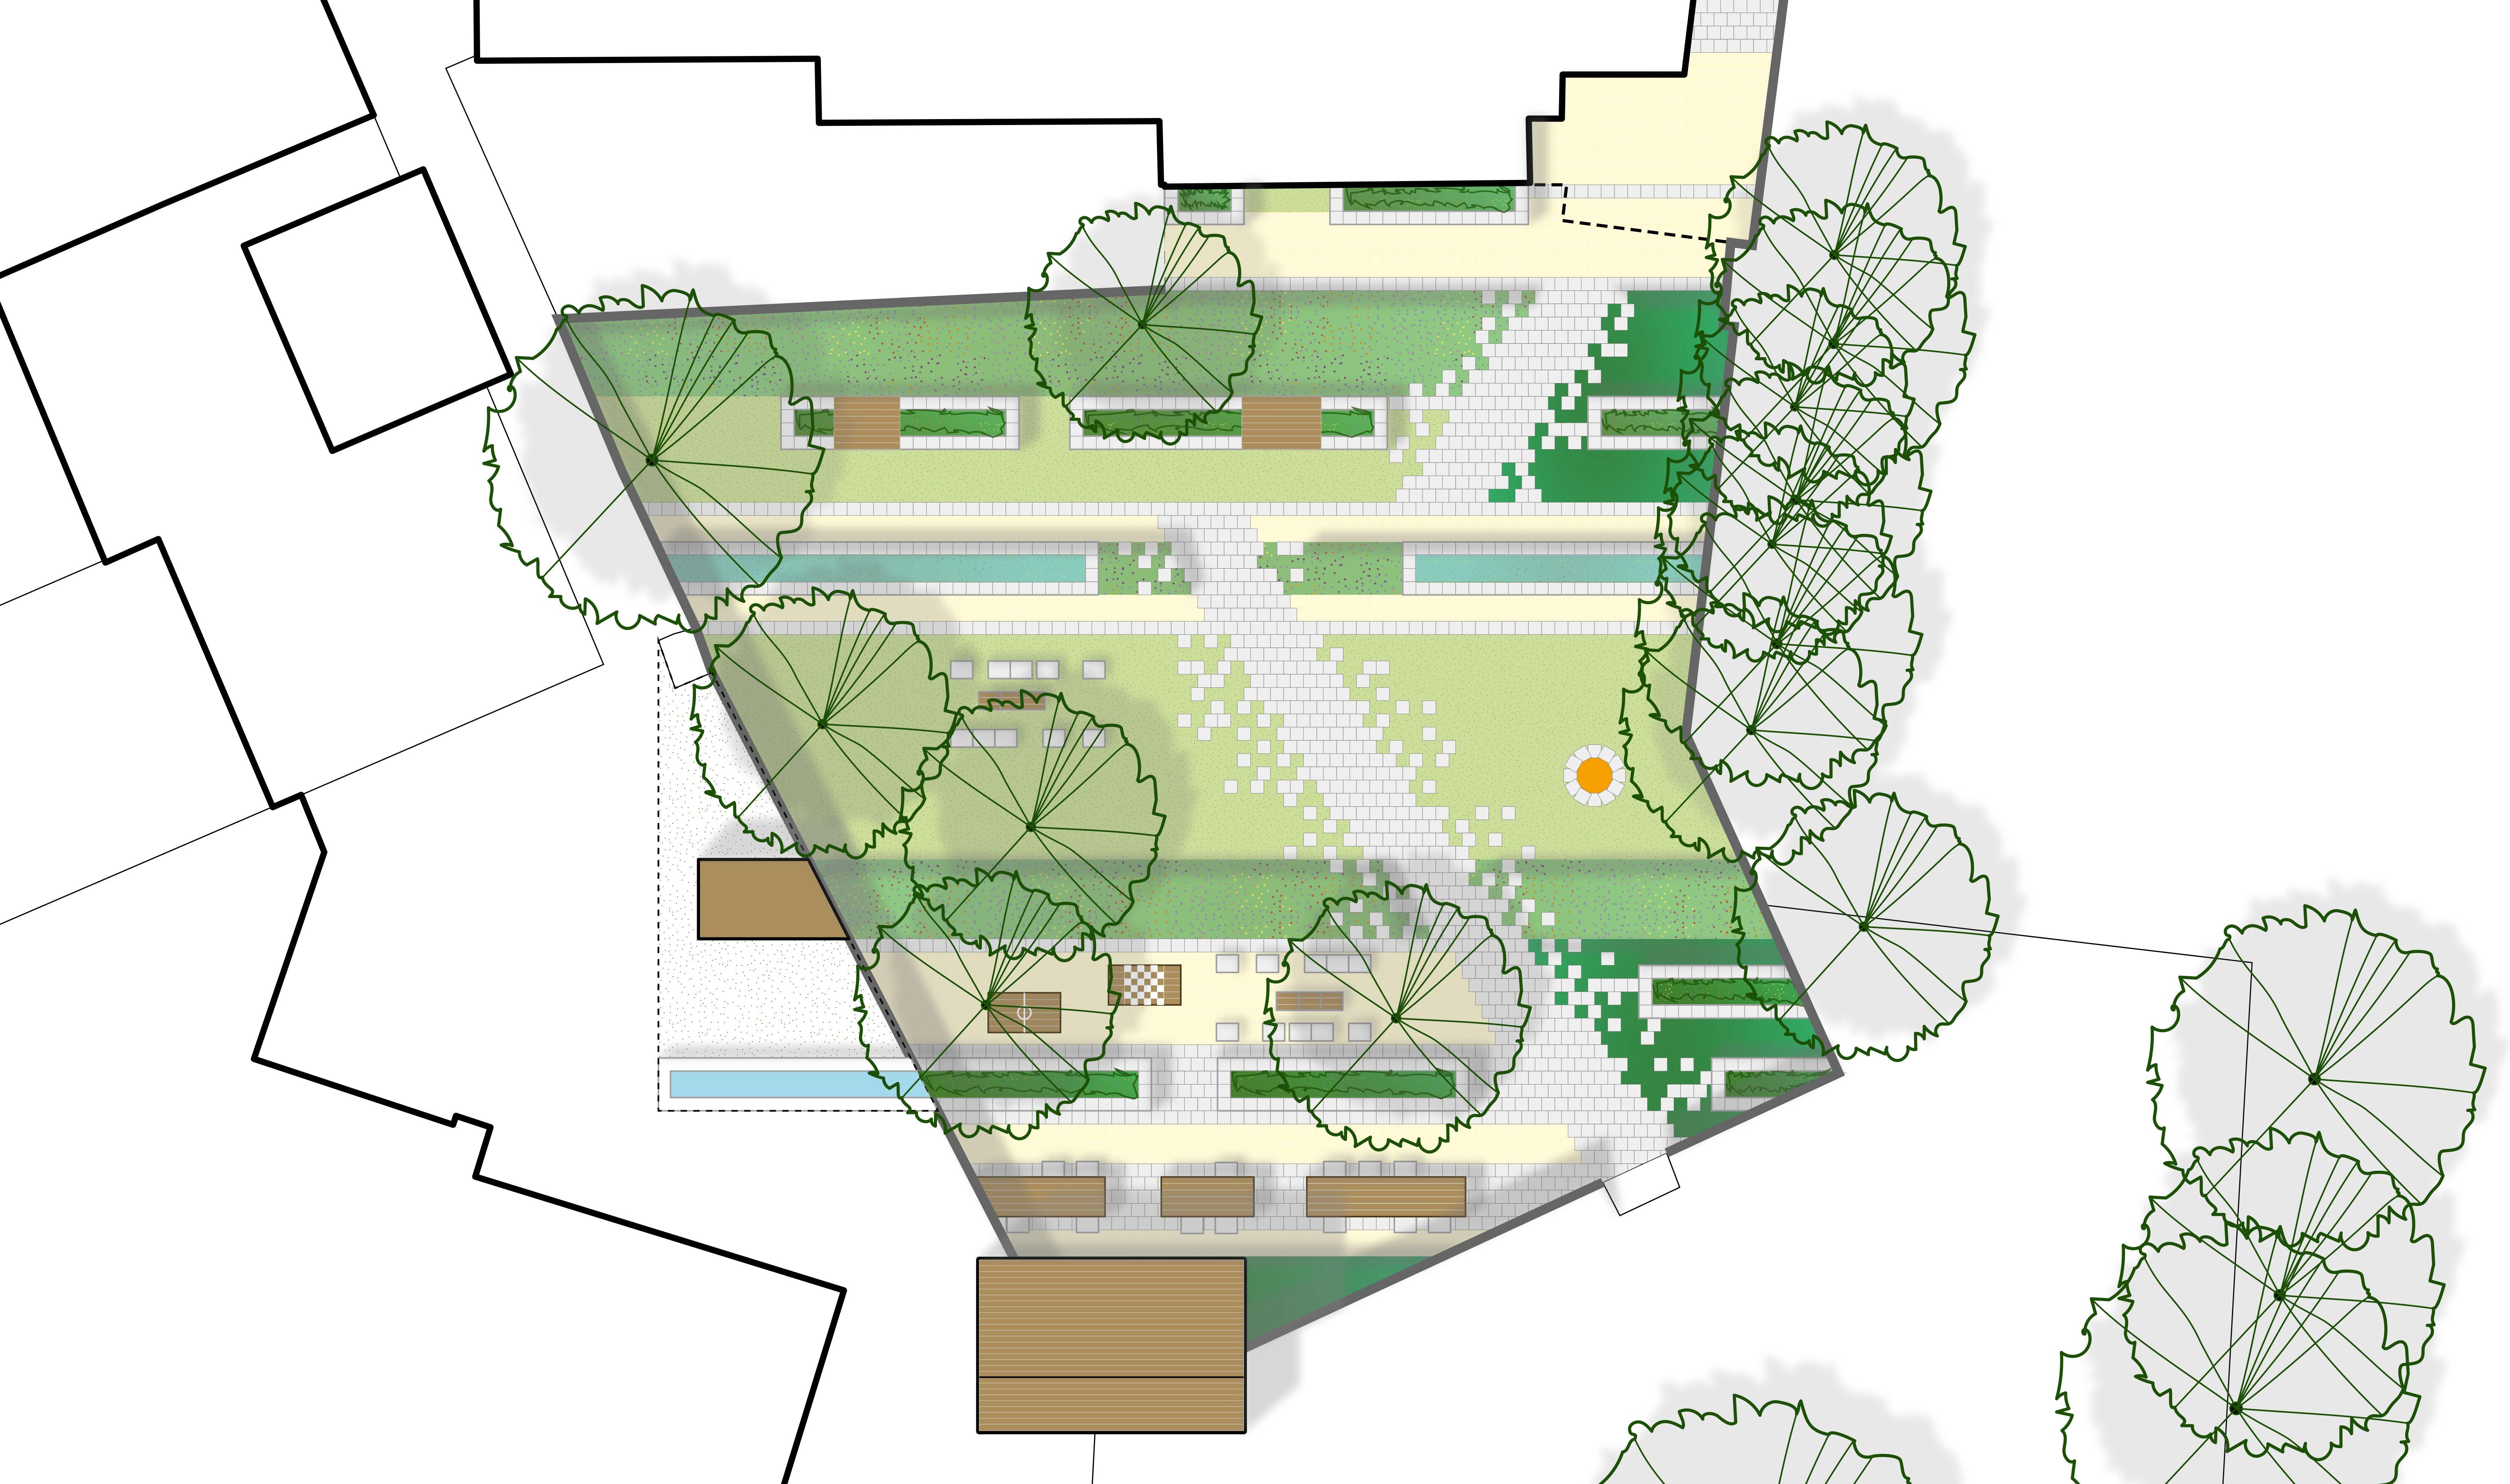 Het ontwerp van de tuin